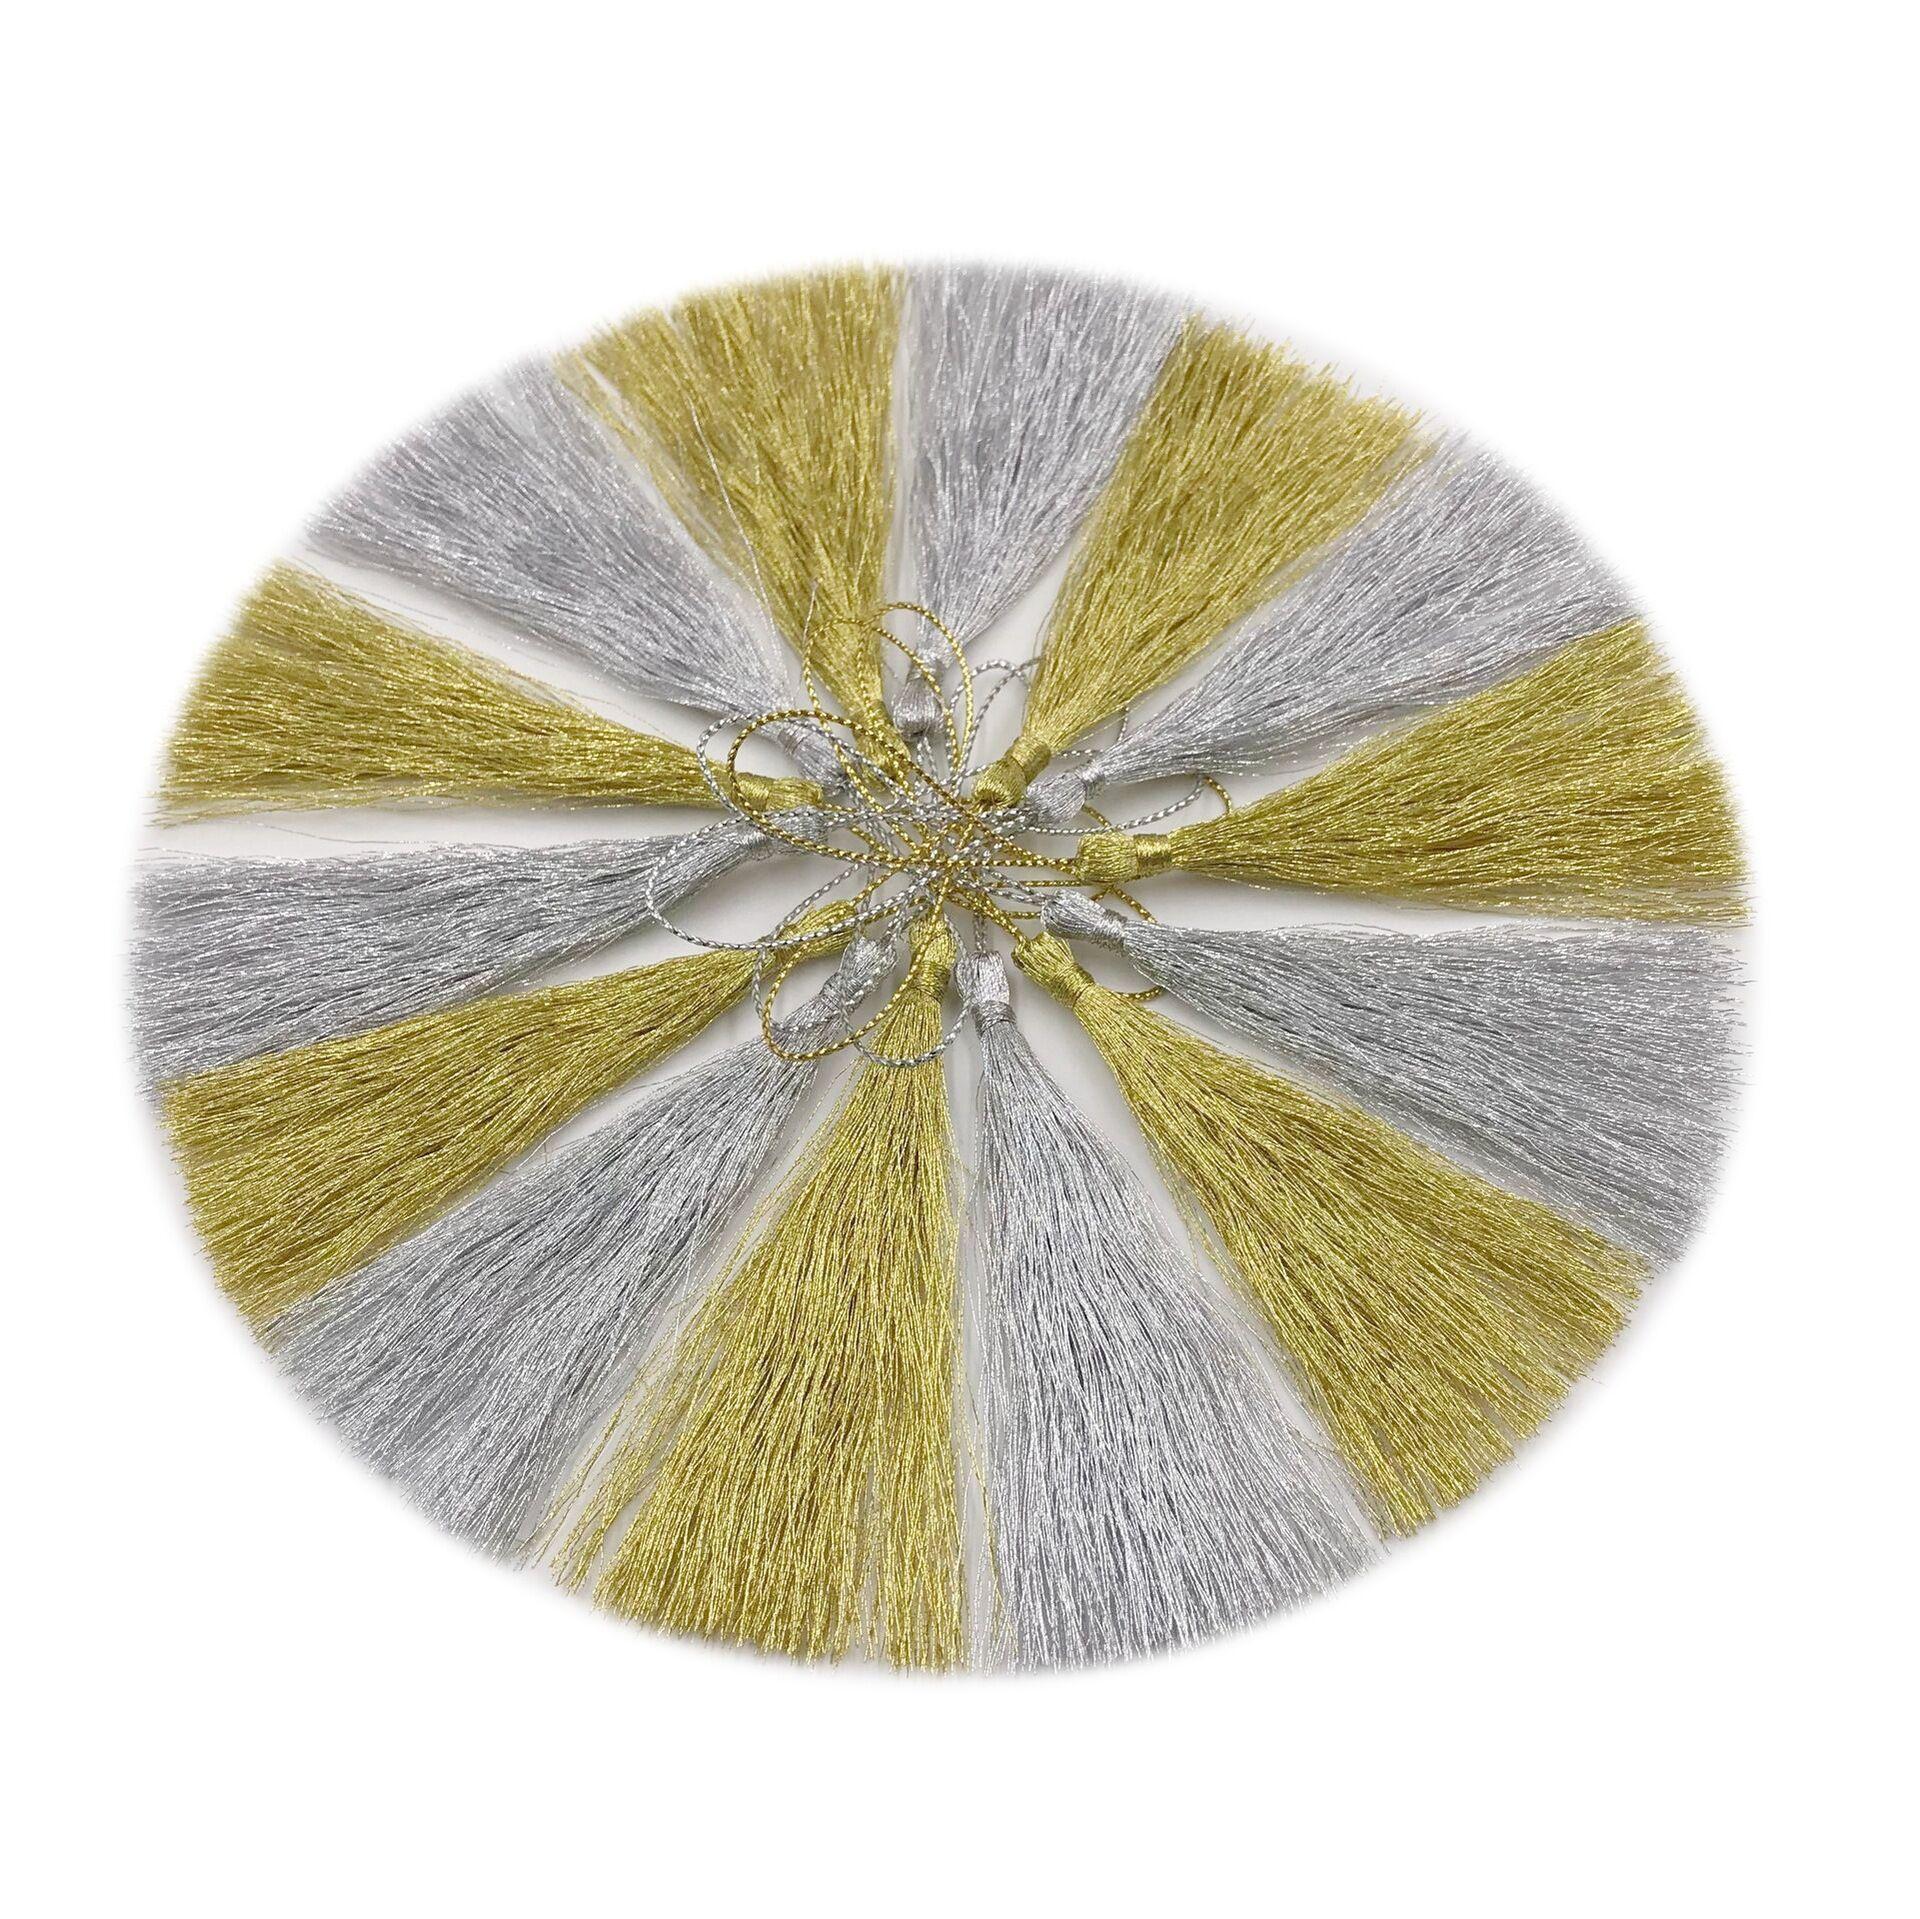 20 piezas oro seda plata seda borlas colgante joyería cortina ropa accesorios decorativos llavero colgante artesanía borlas DIY